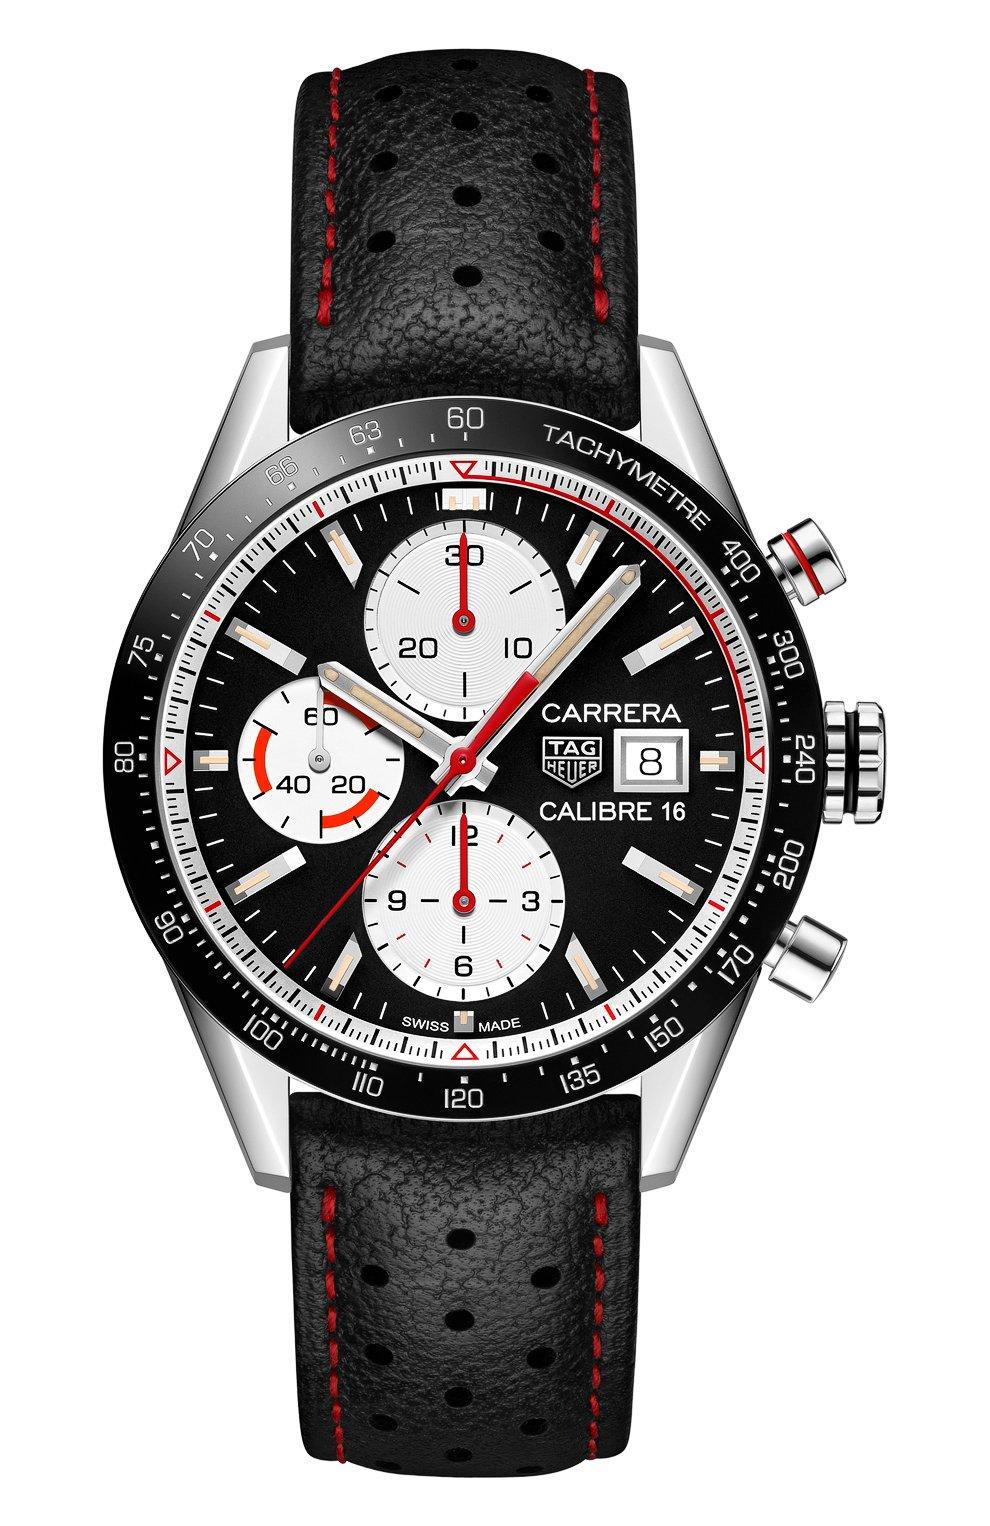 Мужские часы carrera TAG HEUER бесцветного цвета, арт. CV201AP.FC6429   Фото 1 (Механизм: Автомат; Материал корпуса: Сталь; Цвет циферблата: Чёрный)